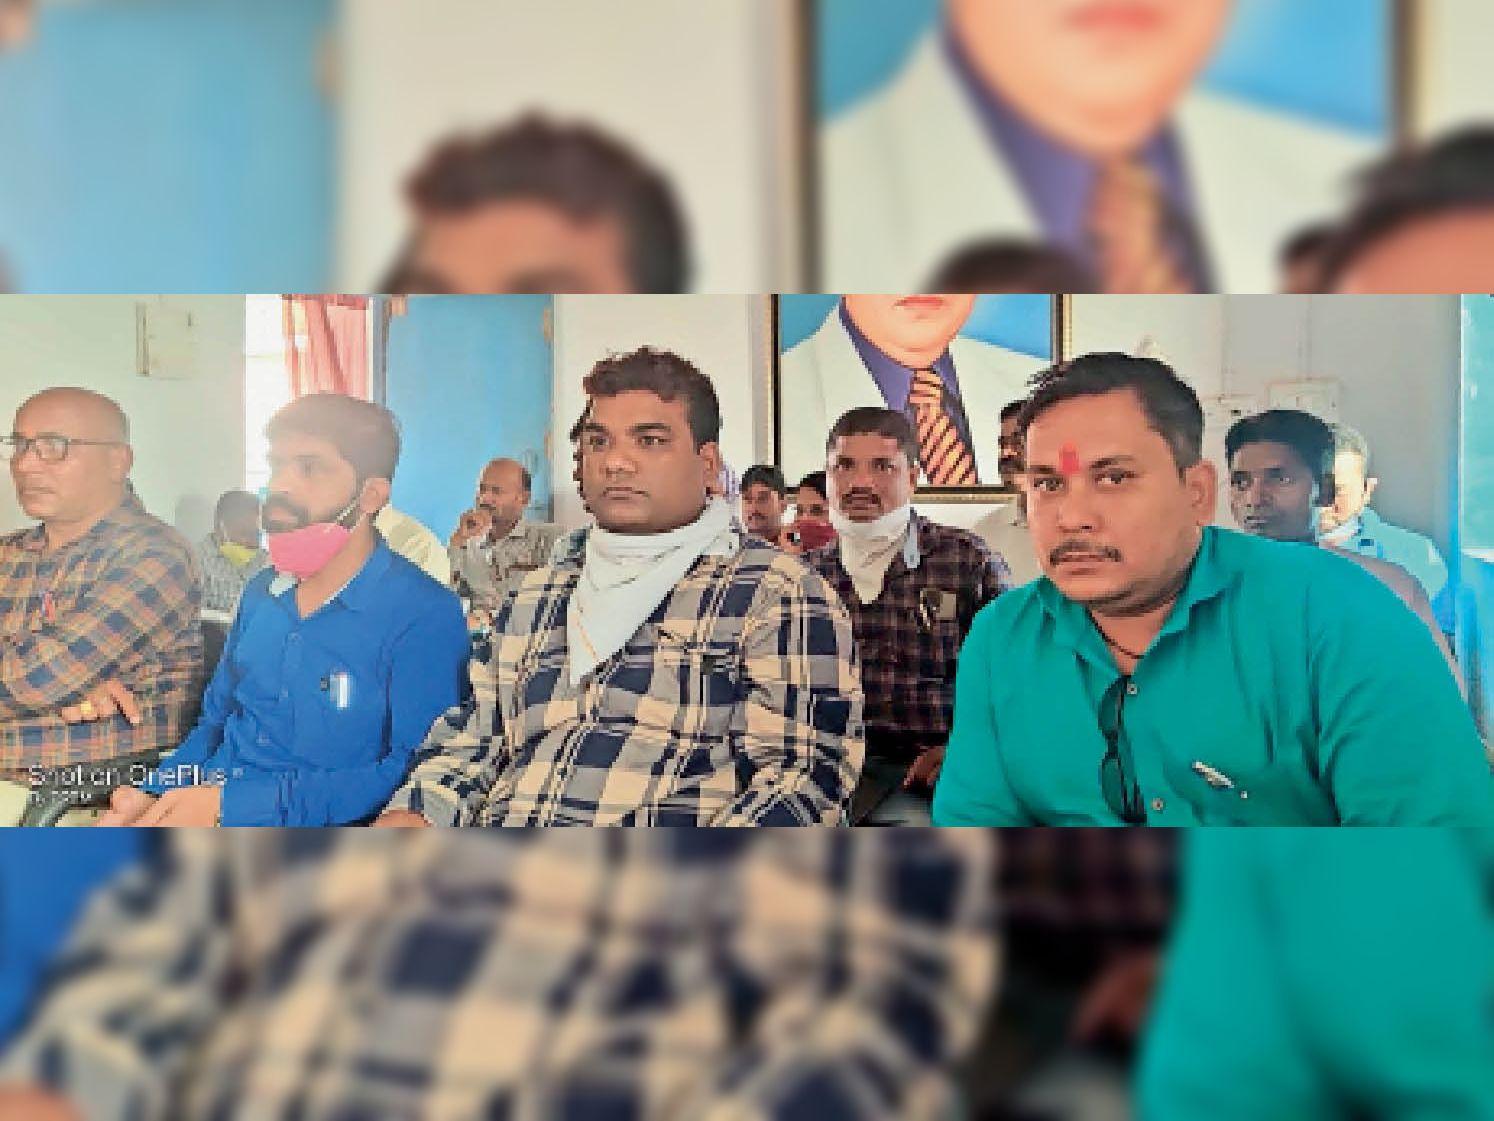 शिक्षा समिति की बैठक में शामिल विभिन्न संघों के पदाधिकारी व सदस्य। - Dainik Bhaskar